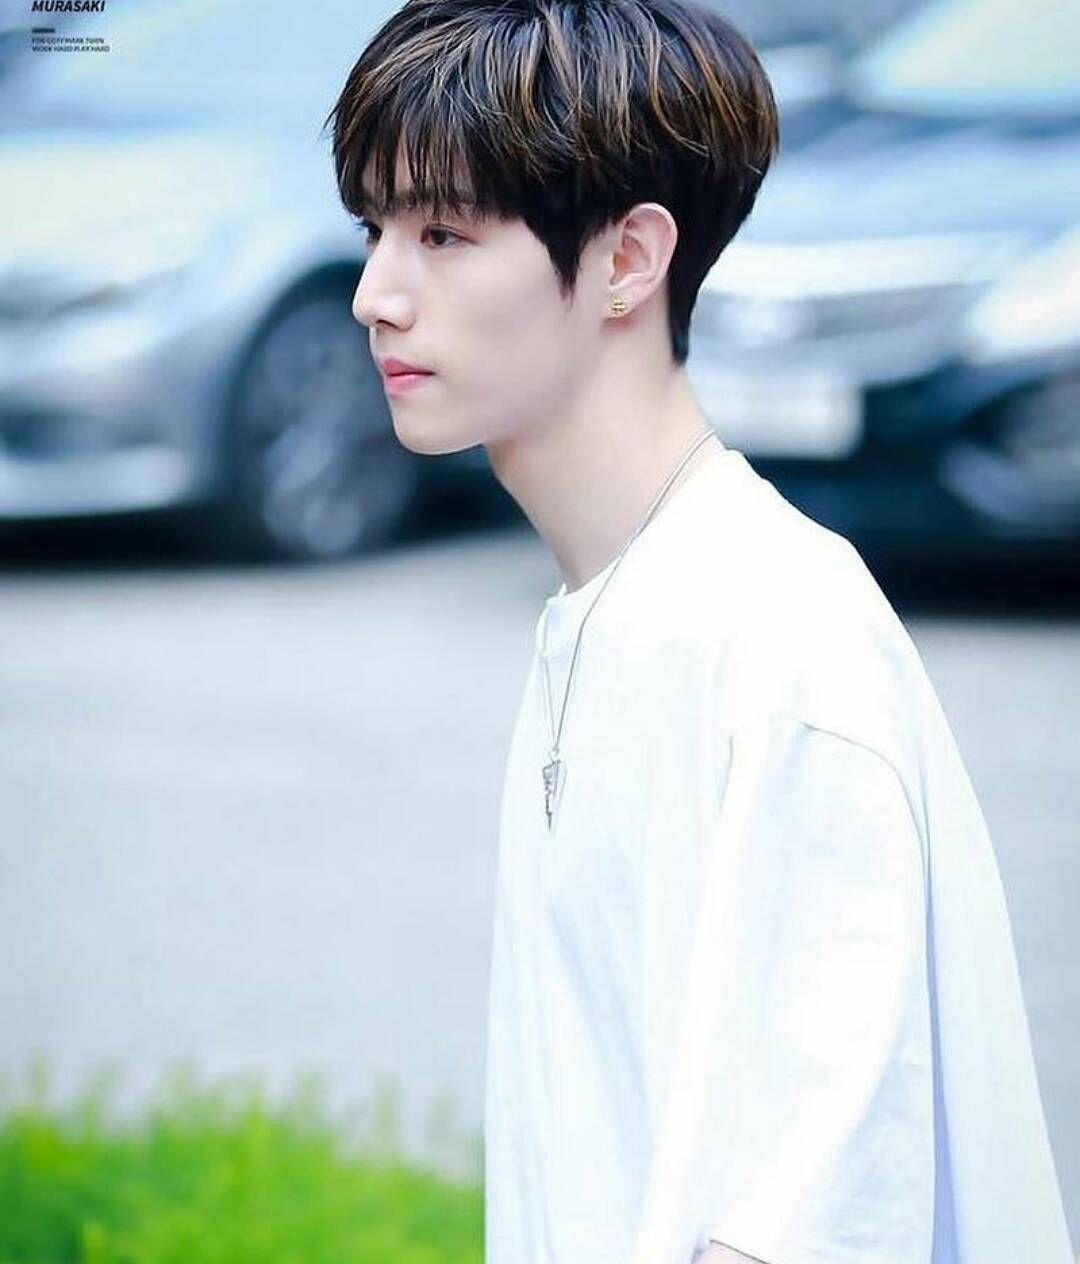 Most Handsome K Pop Male Idols Got7 Mark Dong Yi Eun Kpop K Pop Music K Pop Boy Groups Best K Pop Boy Bands T Got7 Mark Got7 Mark Tuan Mark Tuan